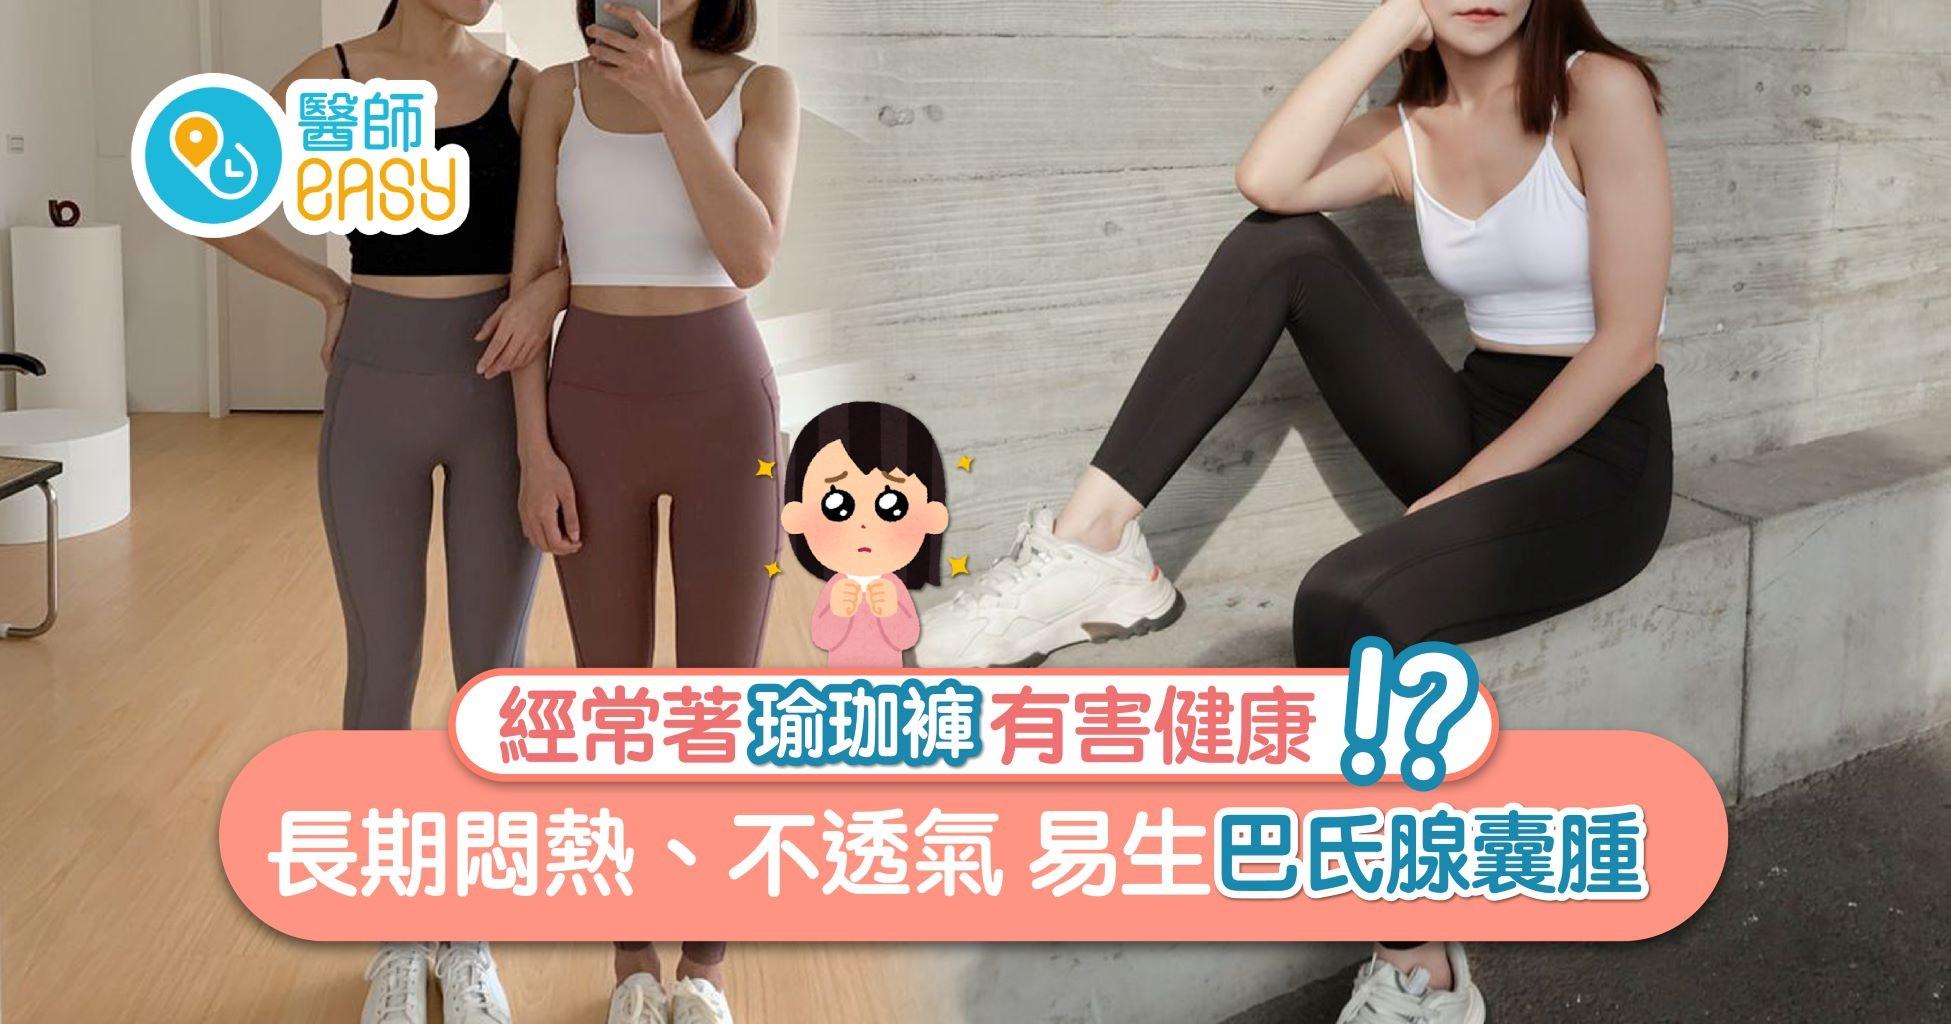 瑜珈褲│長期穿著瑜珈褲 嚴重可致陰道炎及巴氏腺囊腫